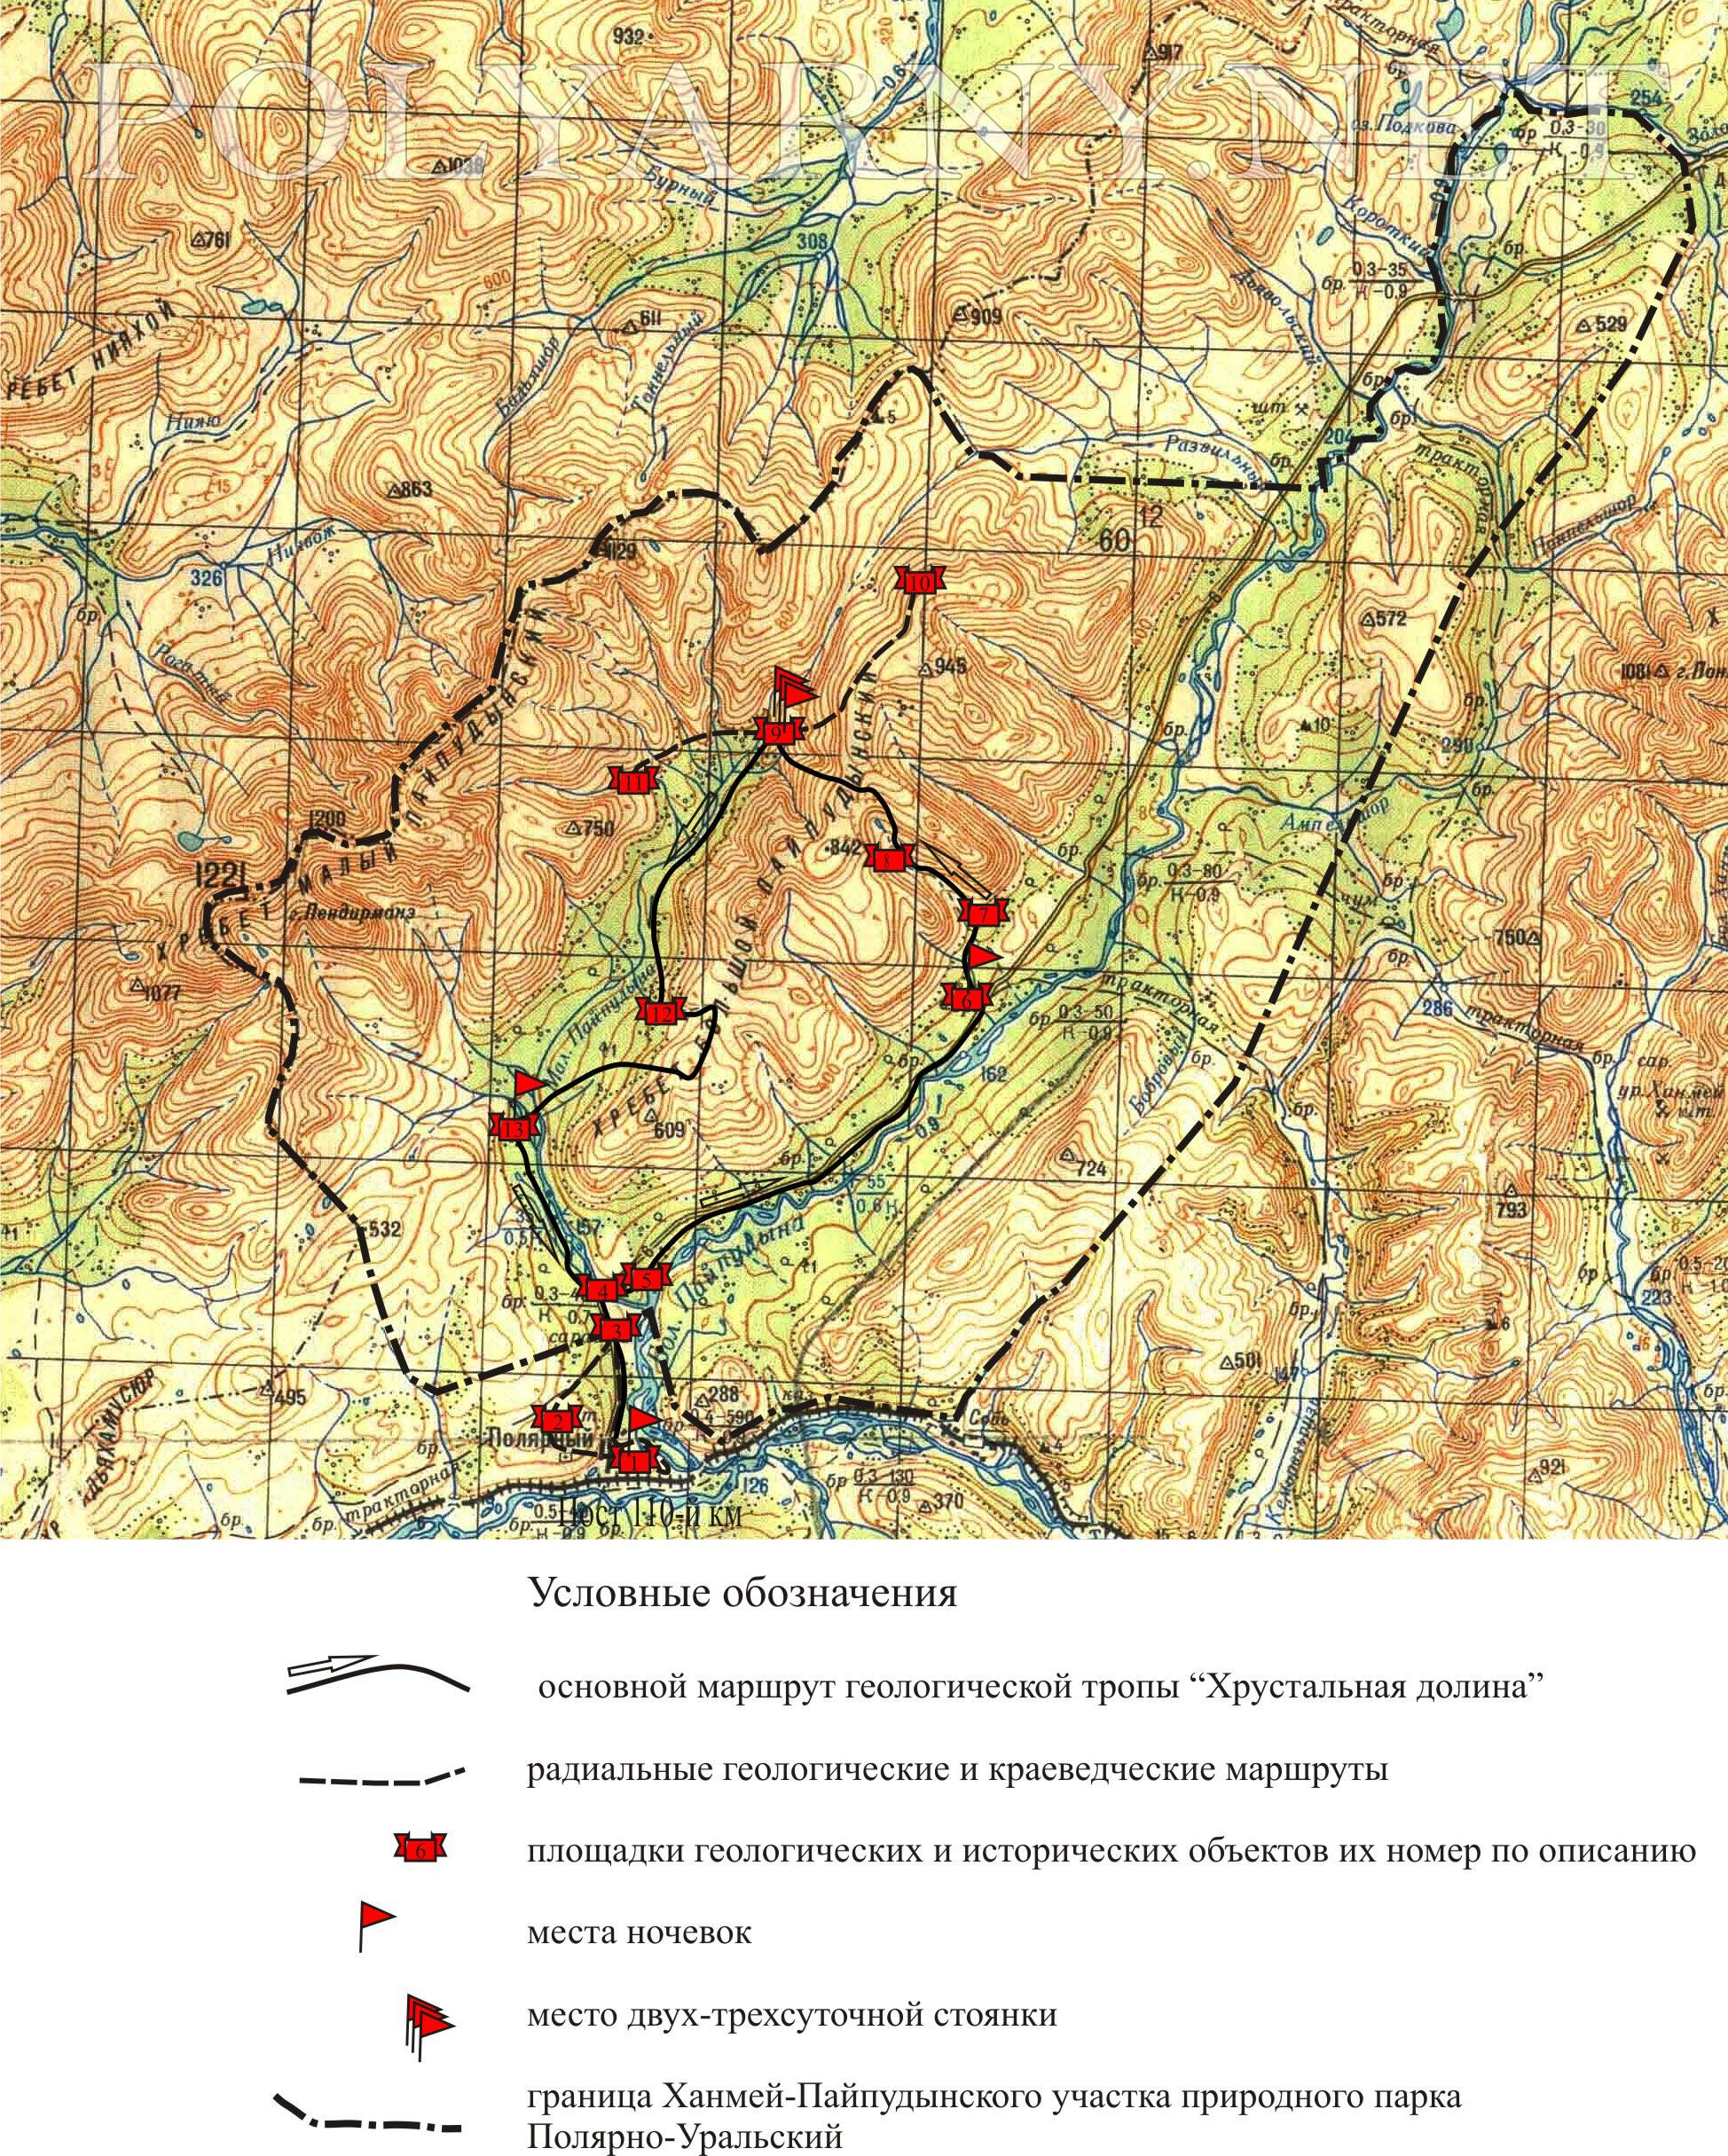 схема-маршрут движения рабочих по горным выработкам